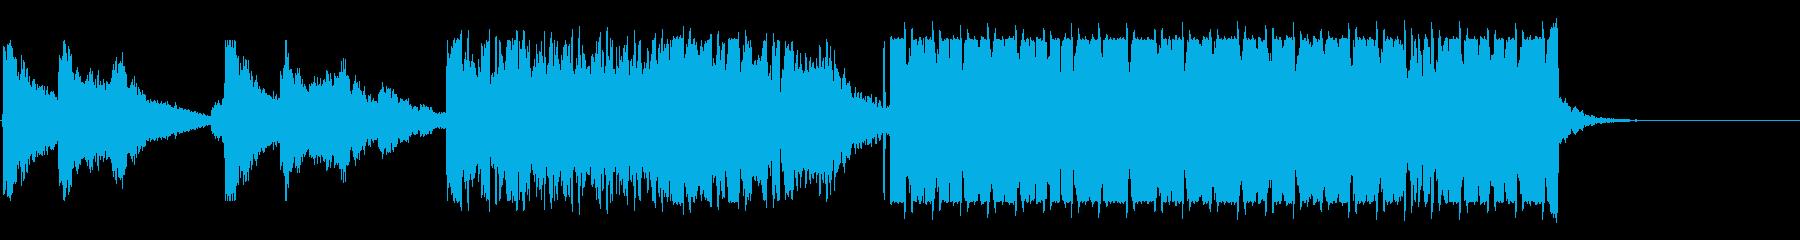 気持ちいいコード感のドラムンベースの再生済みの波形